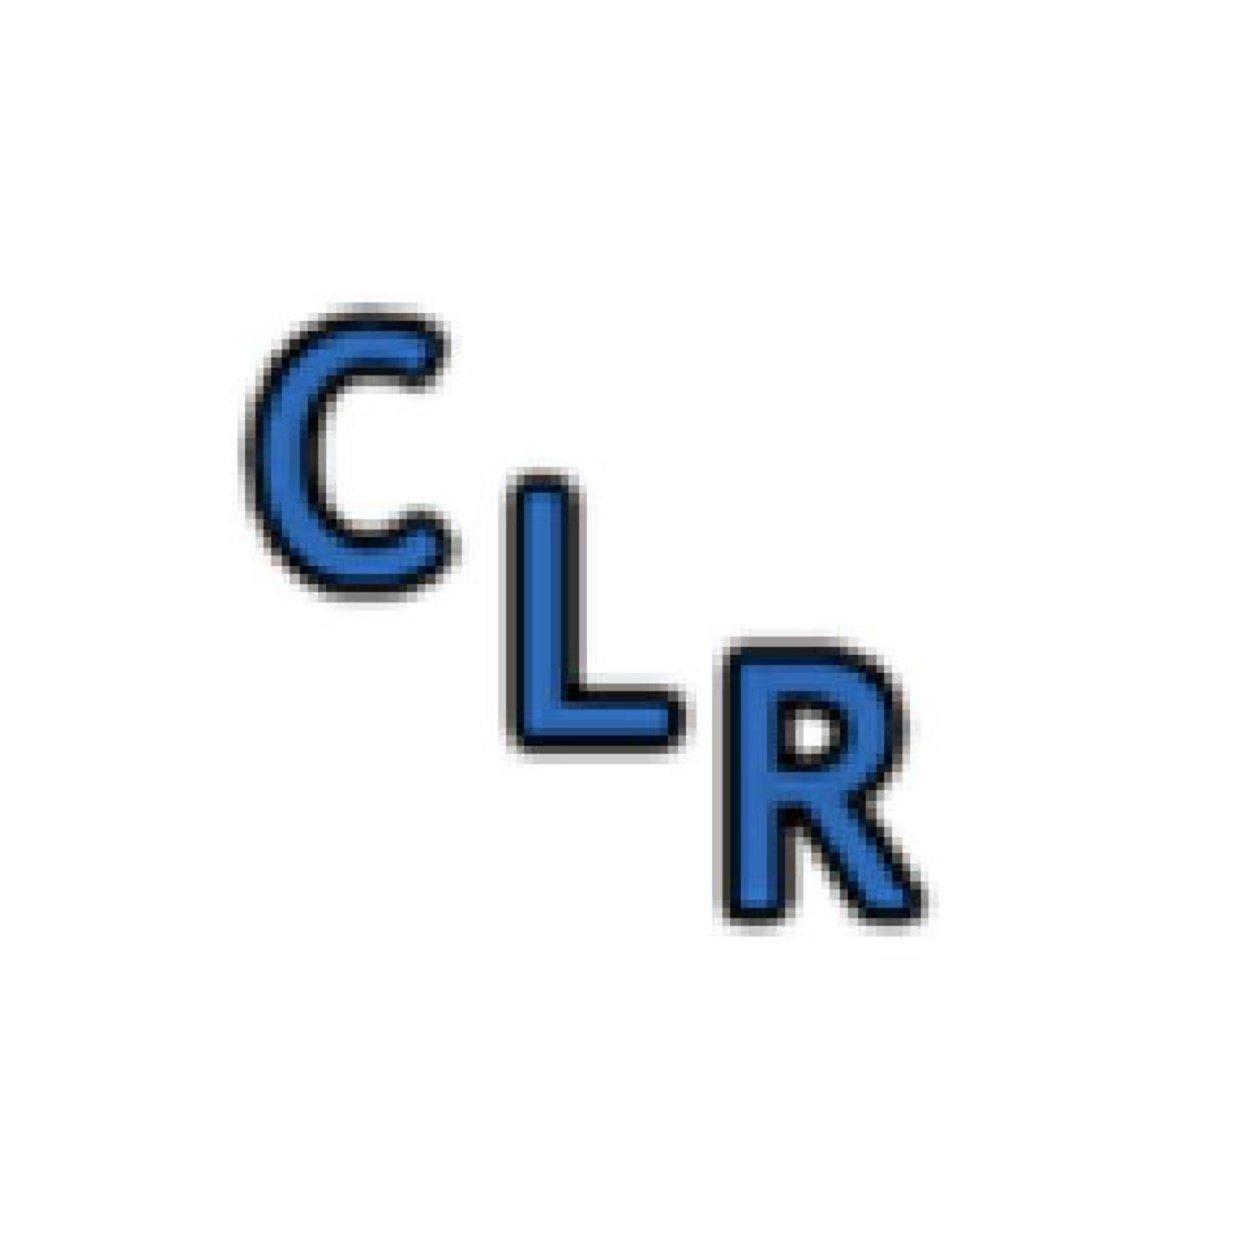 CLR Lighting  sc 1 st  Twitter & CLR Lighting (@CLRltg) | Twitter